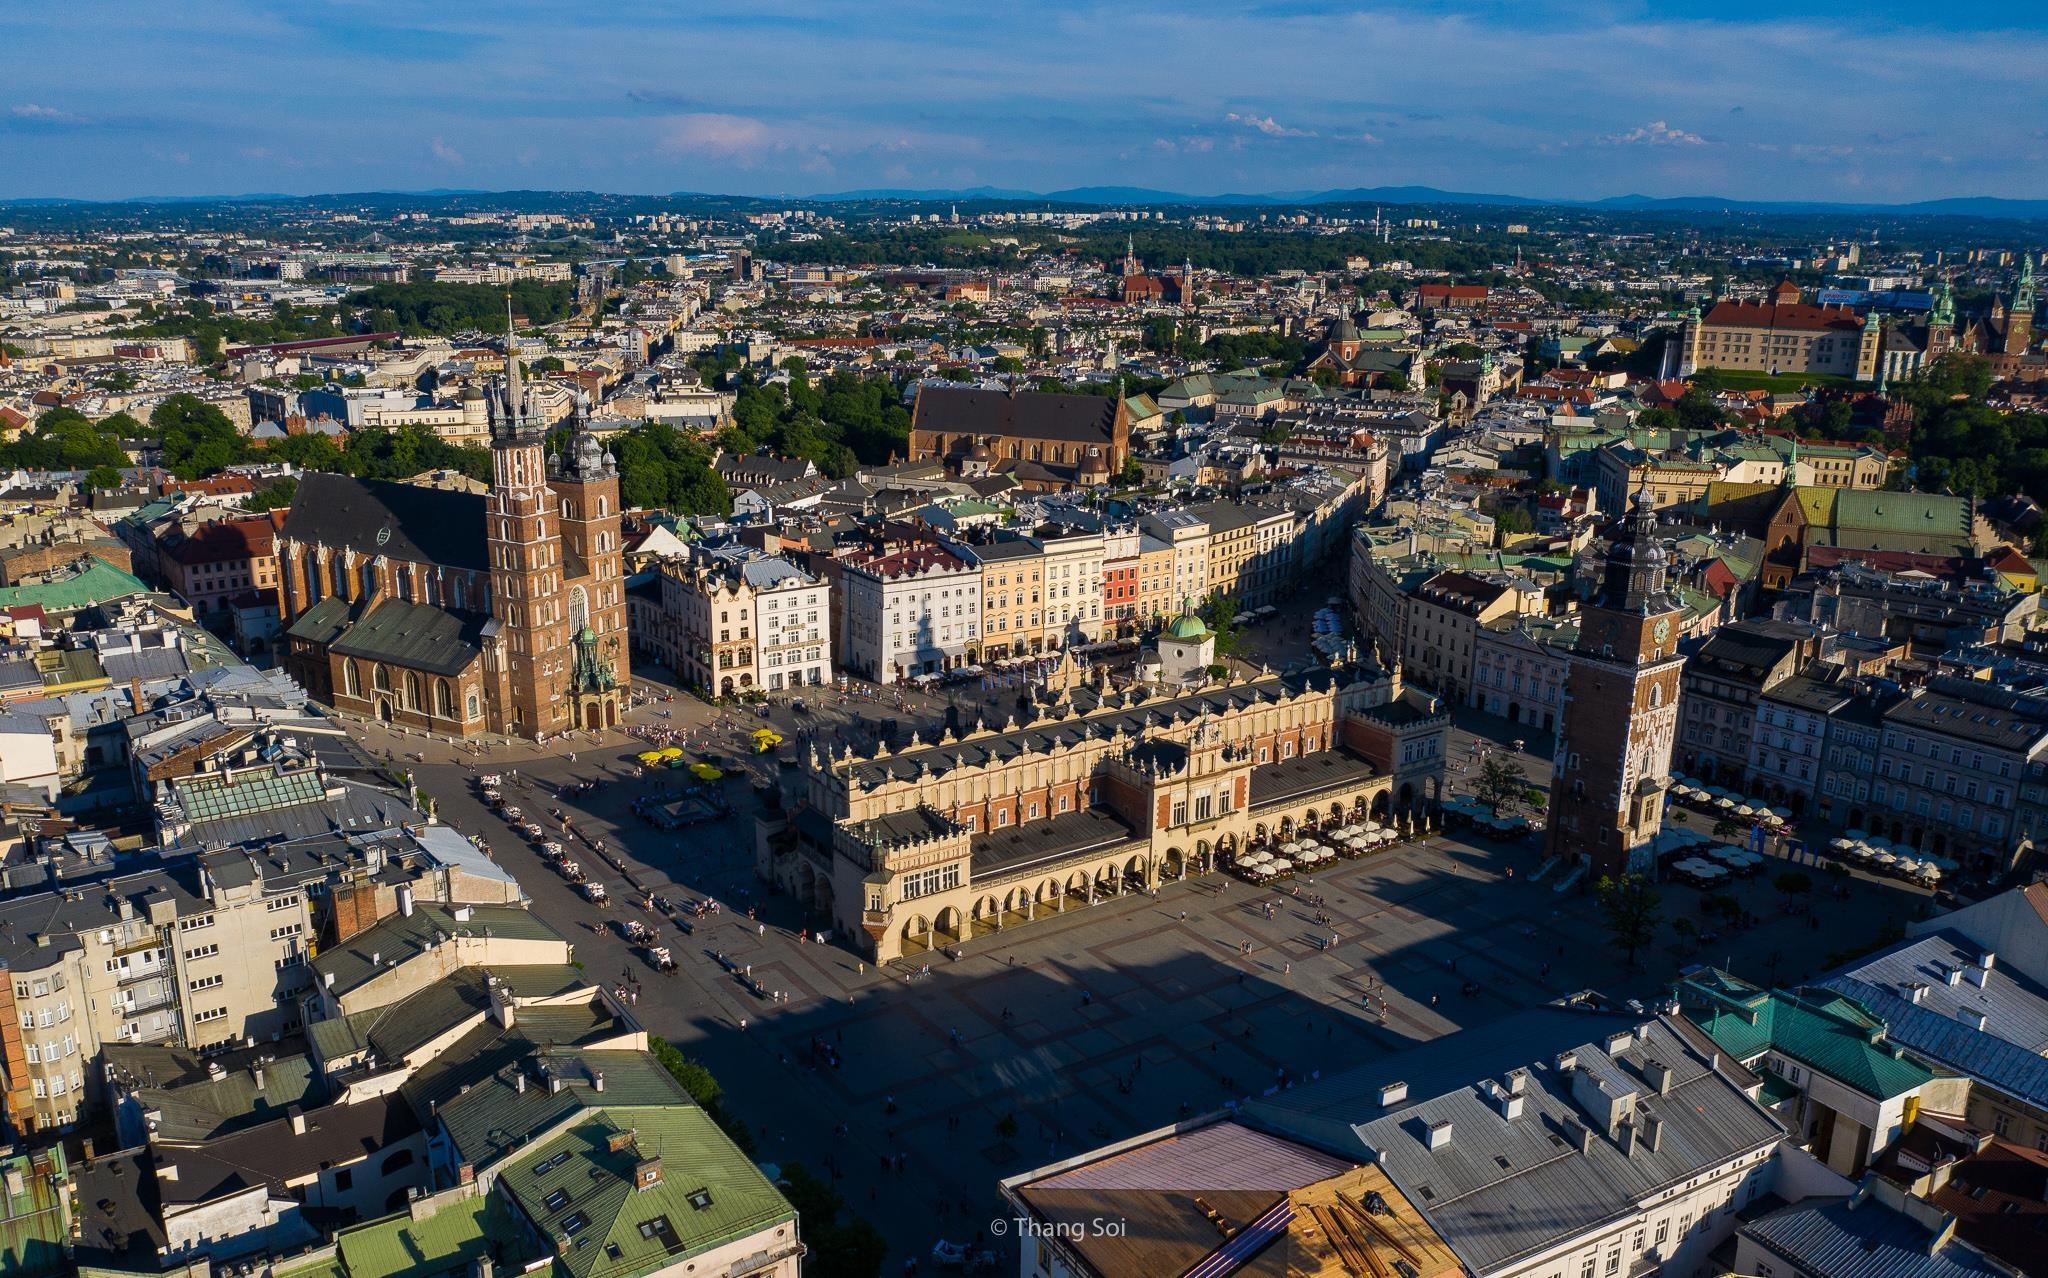 Krakow, kinh do co phai ghe tham khi den Ba Lan hinh anh 31